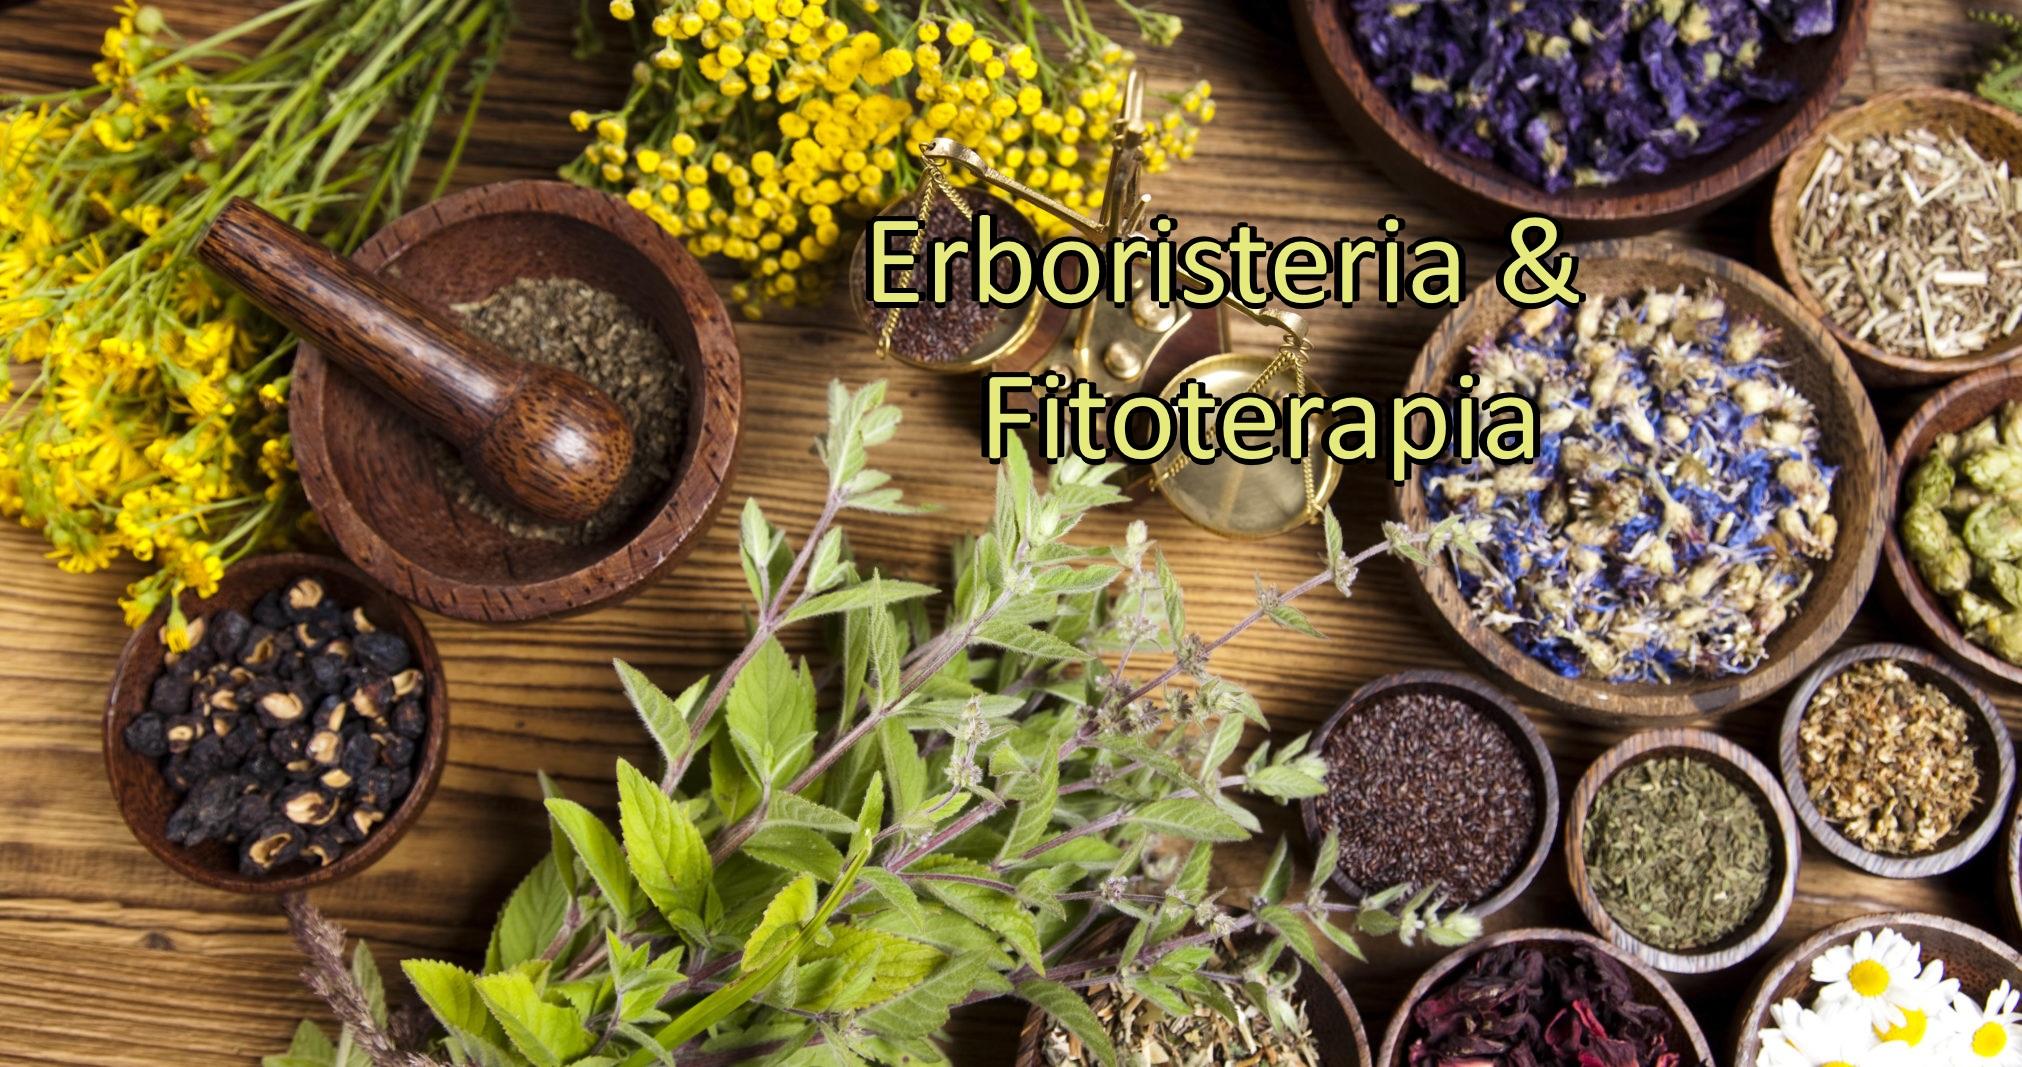 Erboristeria e fitoterapia